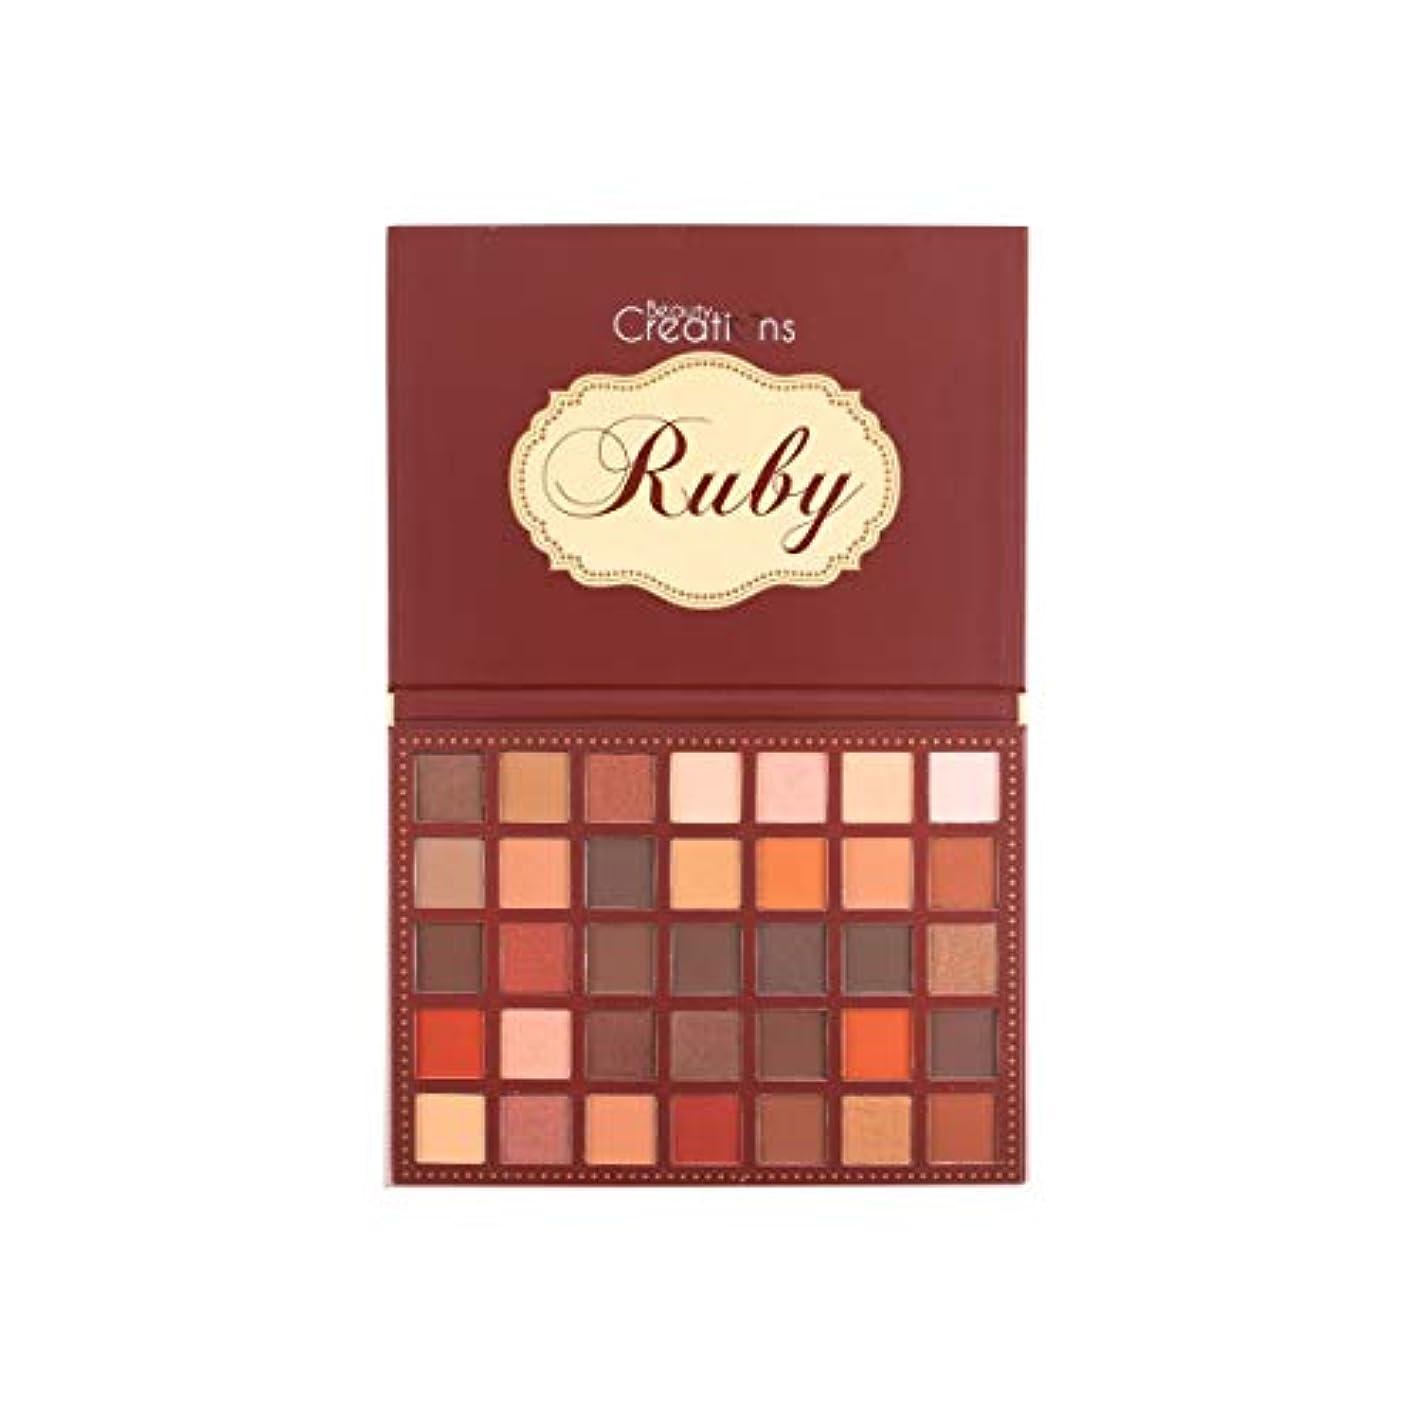 トランザクションアンティーク写真撮影BEAUTY CREATIONS 35 Color Eyeshadow Palette - Ruby (並行輸入品)